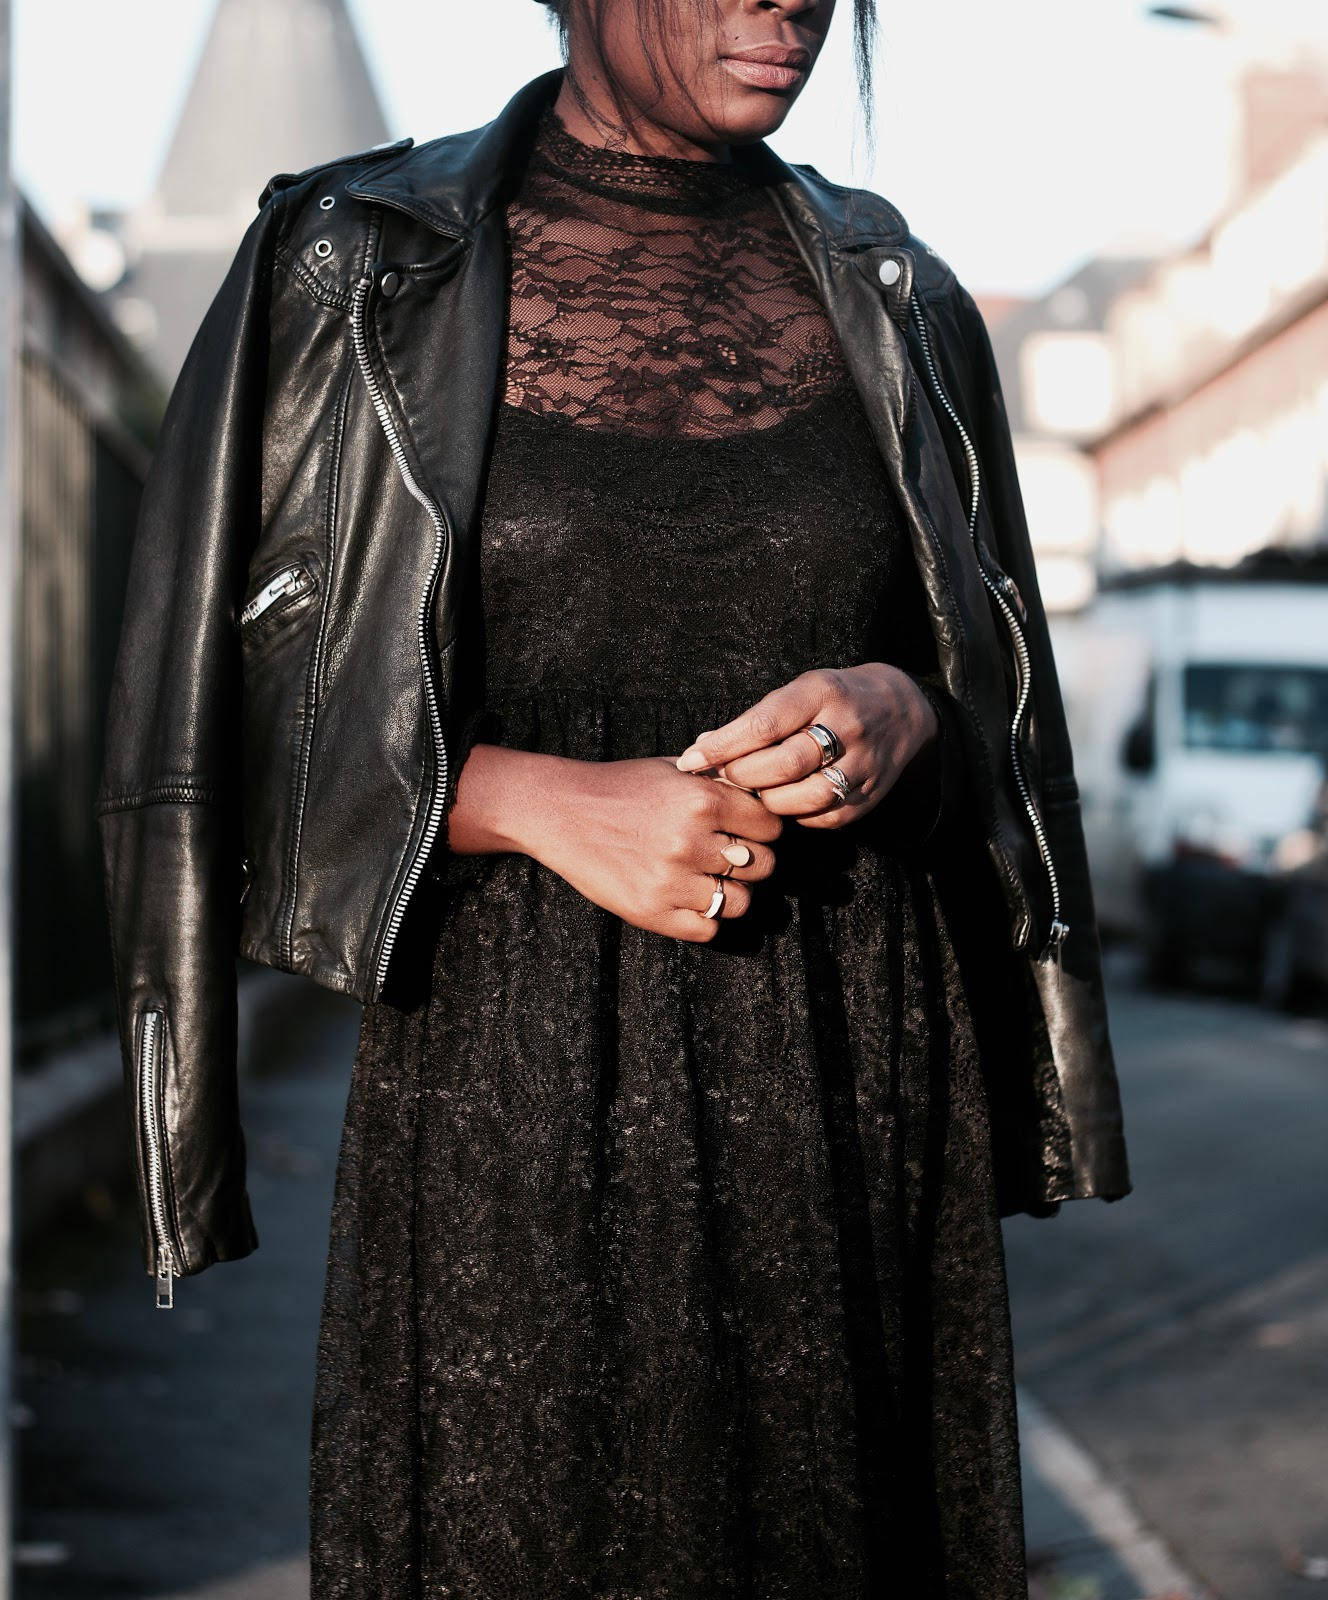 la-petite-robe-noire-bottines-veste-en-cuir